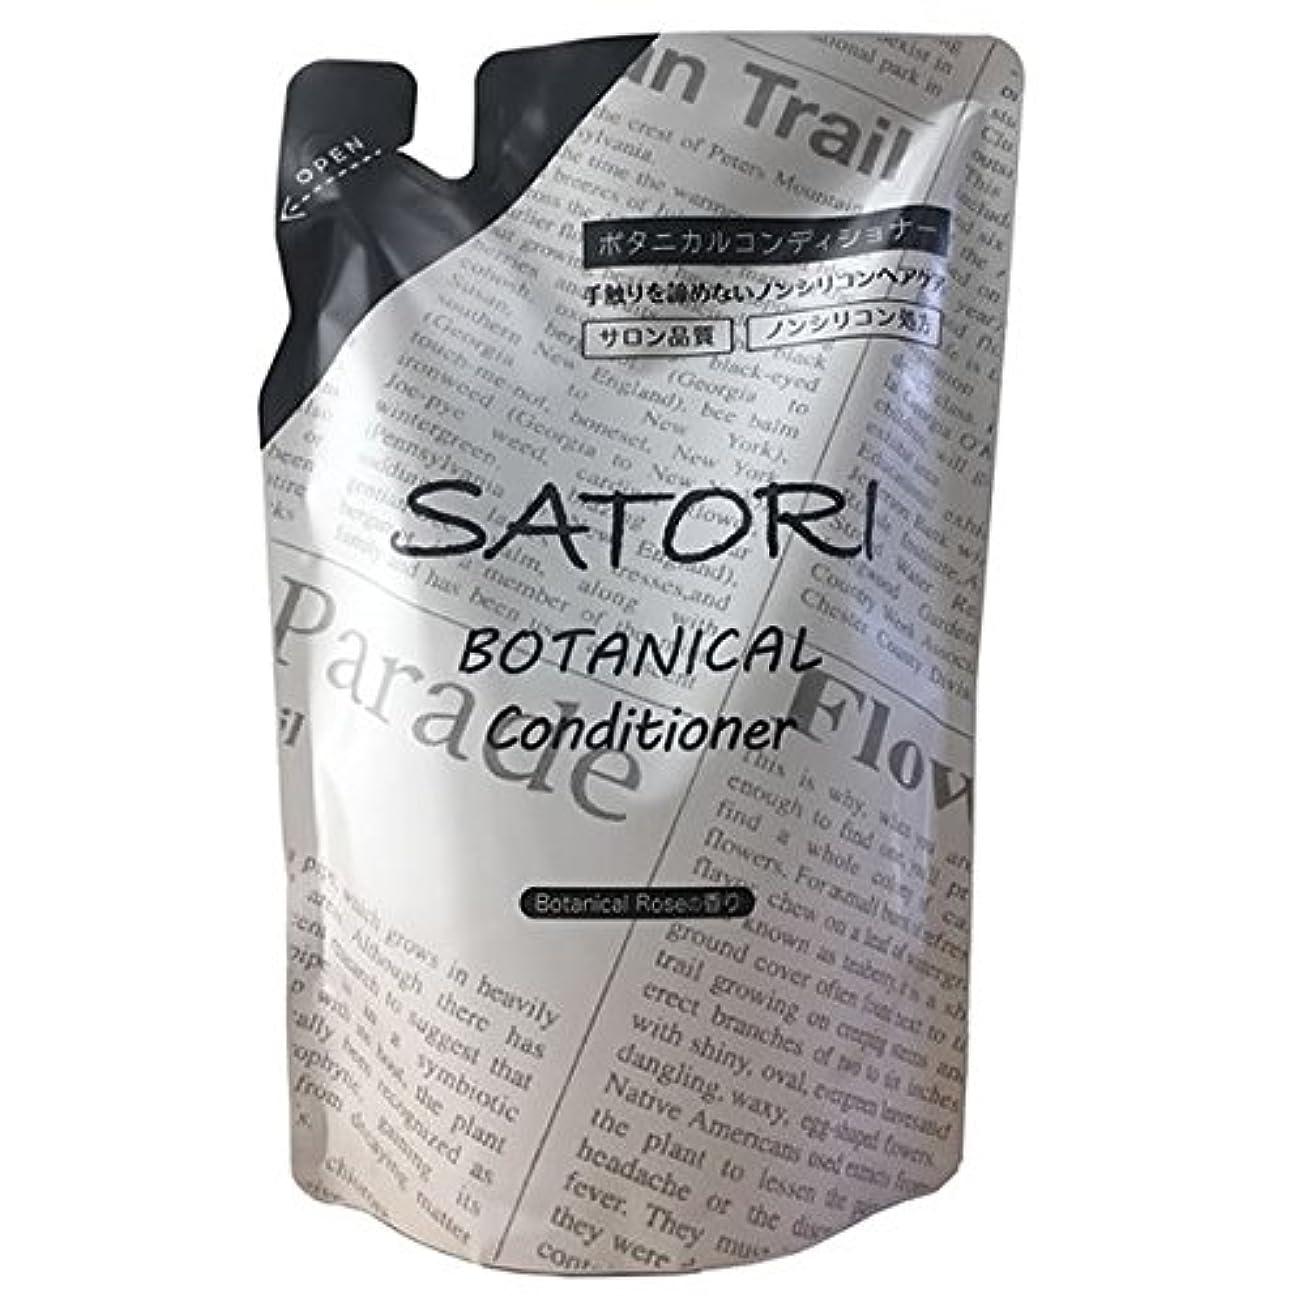 検査官近々周囲SATORI(サトリ) ボタニカルコンディショナー レフィル 400ml